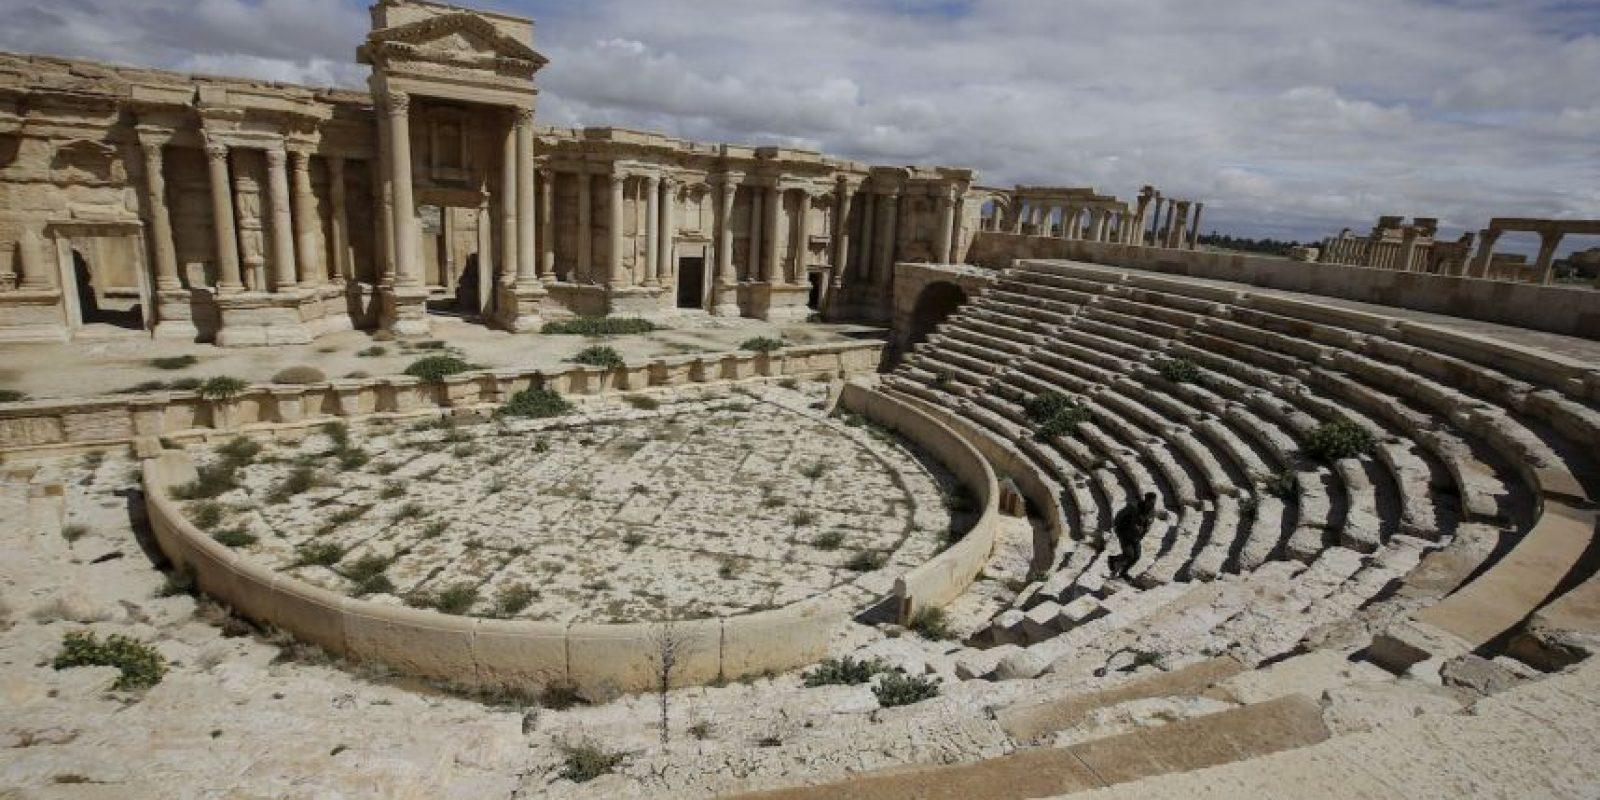 1. La ciudad de Palmira está localizada a unos 215 kilómetros al noreste de Damasco. Foto:AFP